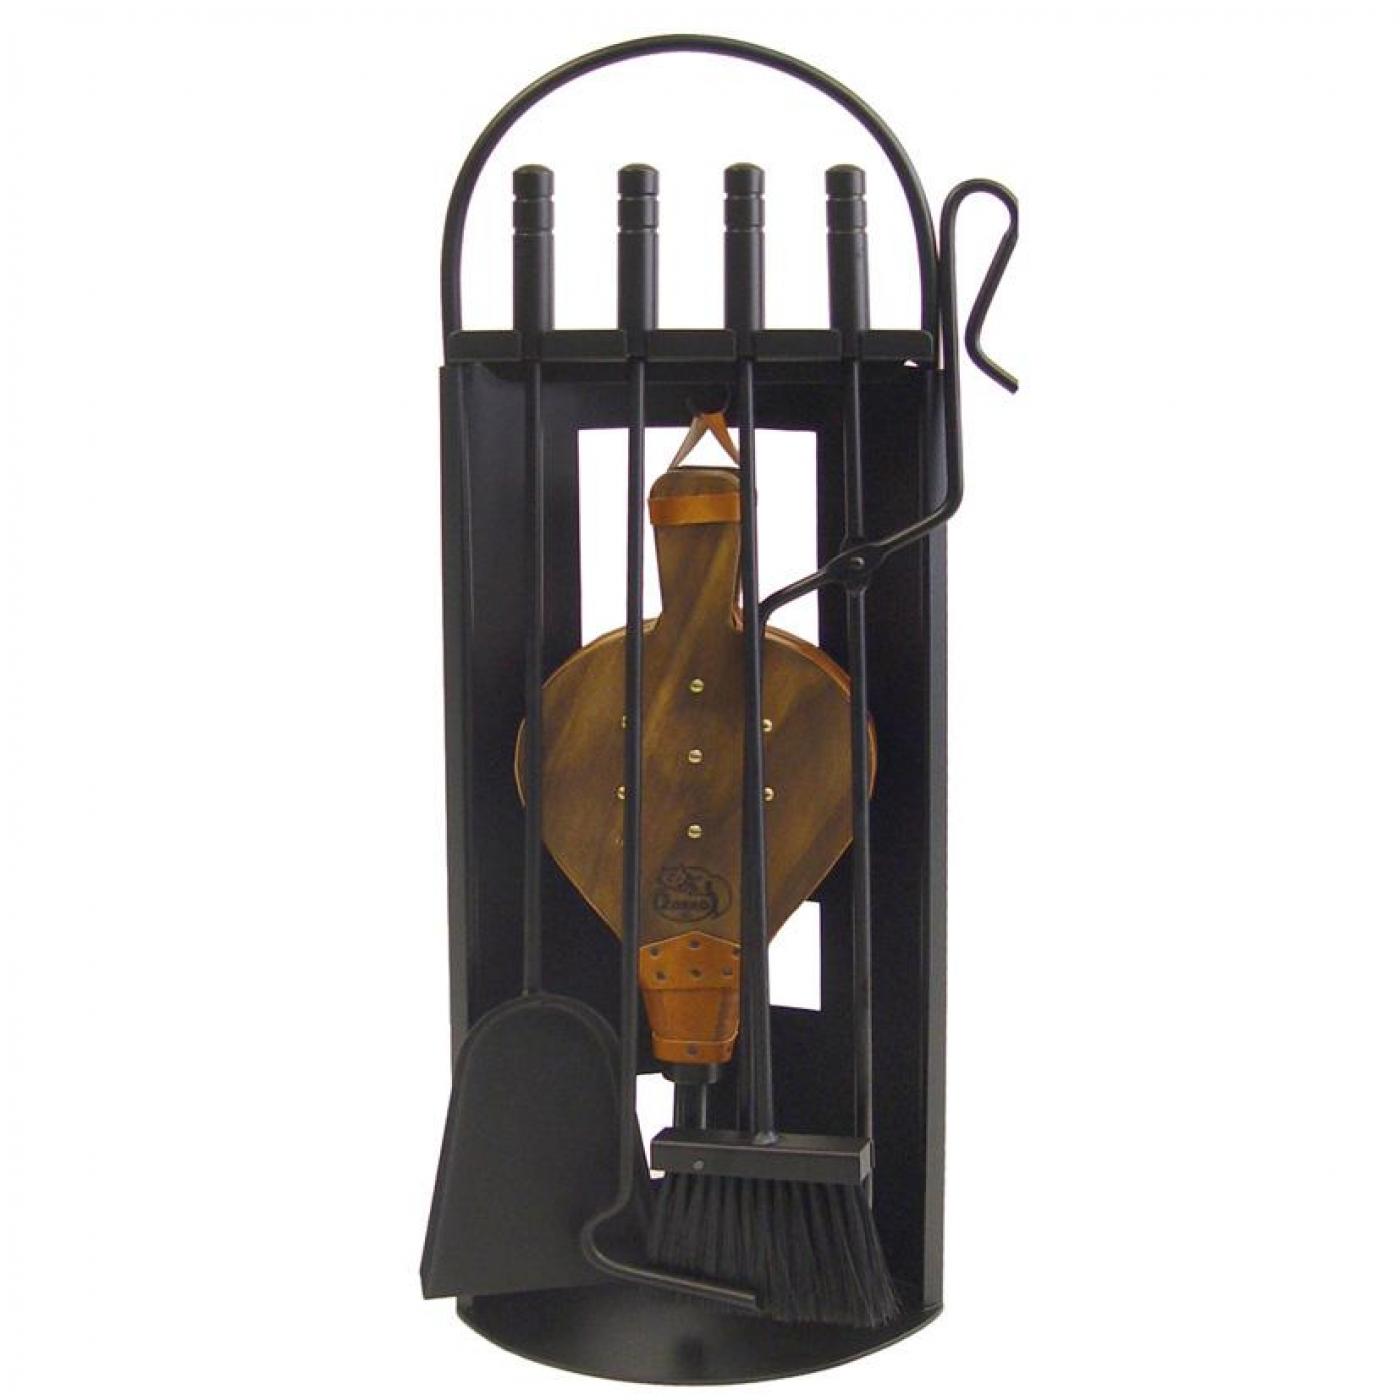 Cinco accesorios para chimeneas de le a arco por 44 95 - Accesorios chimeneas de lena ...